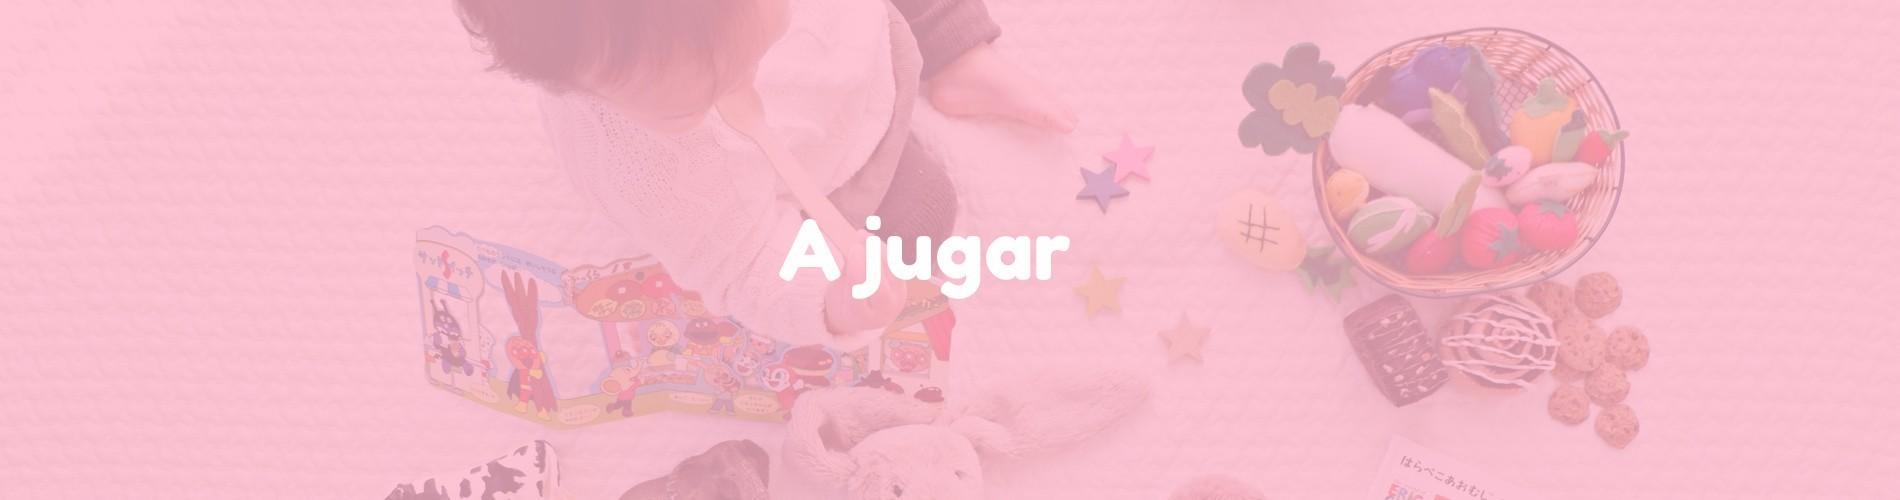 Juguetes Infantiles | Tienda Online para Bebés | A la Nanita Nana